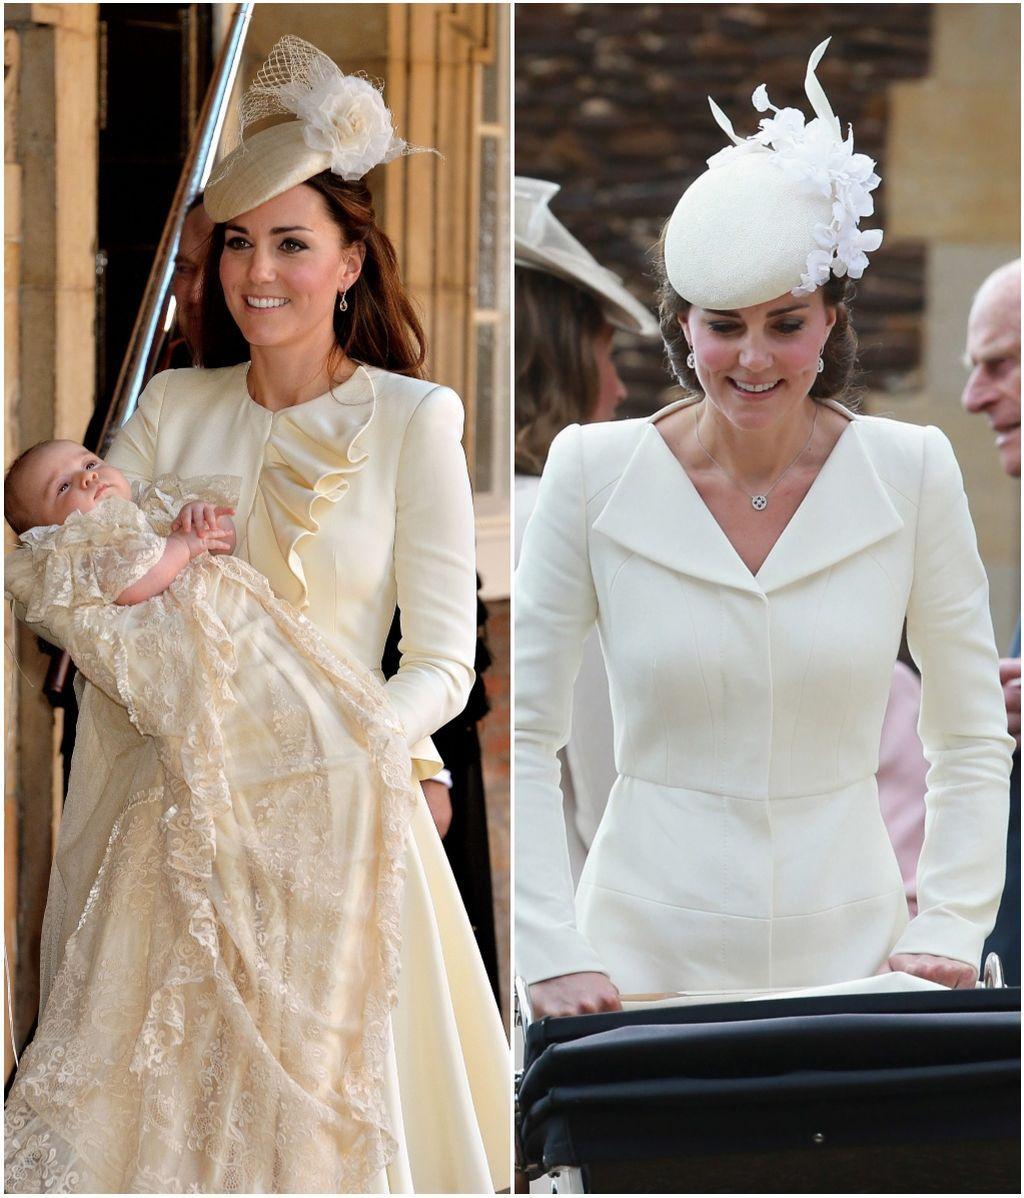 Kate looks